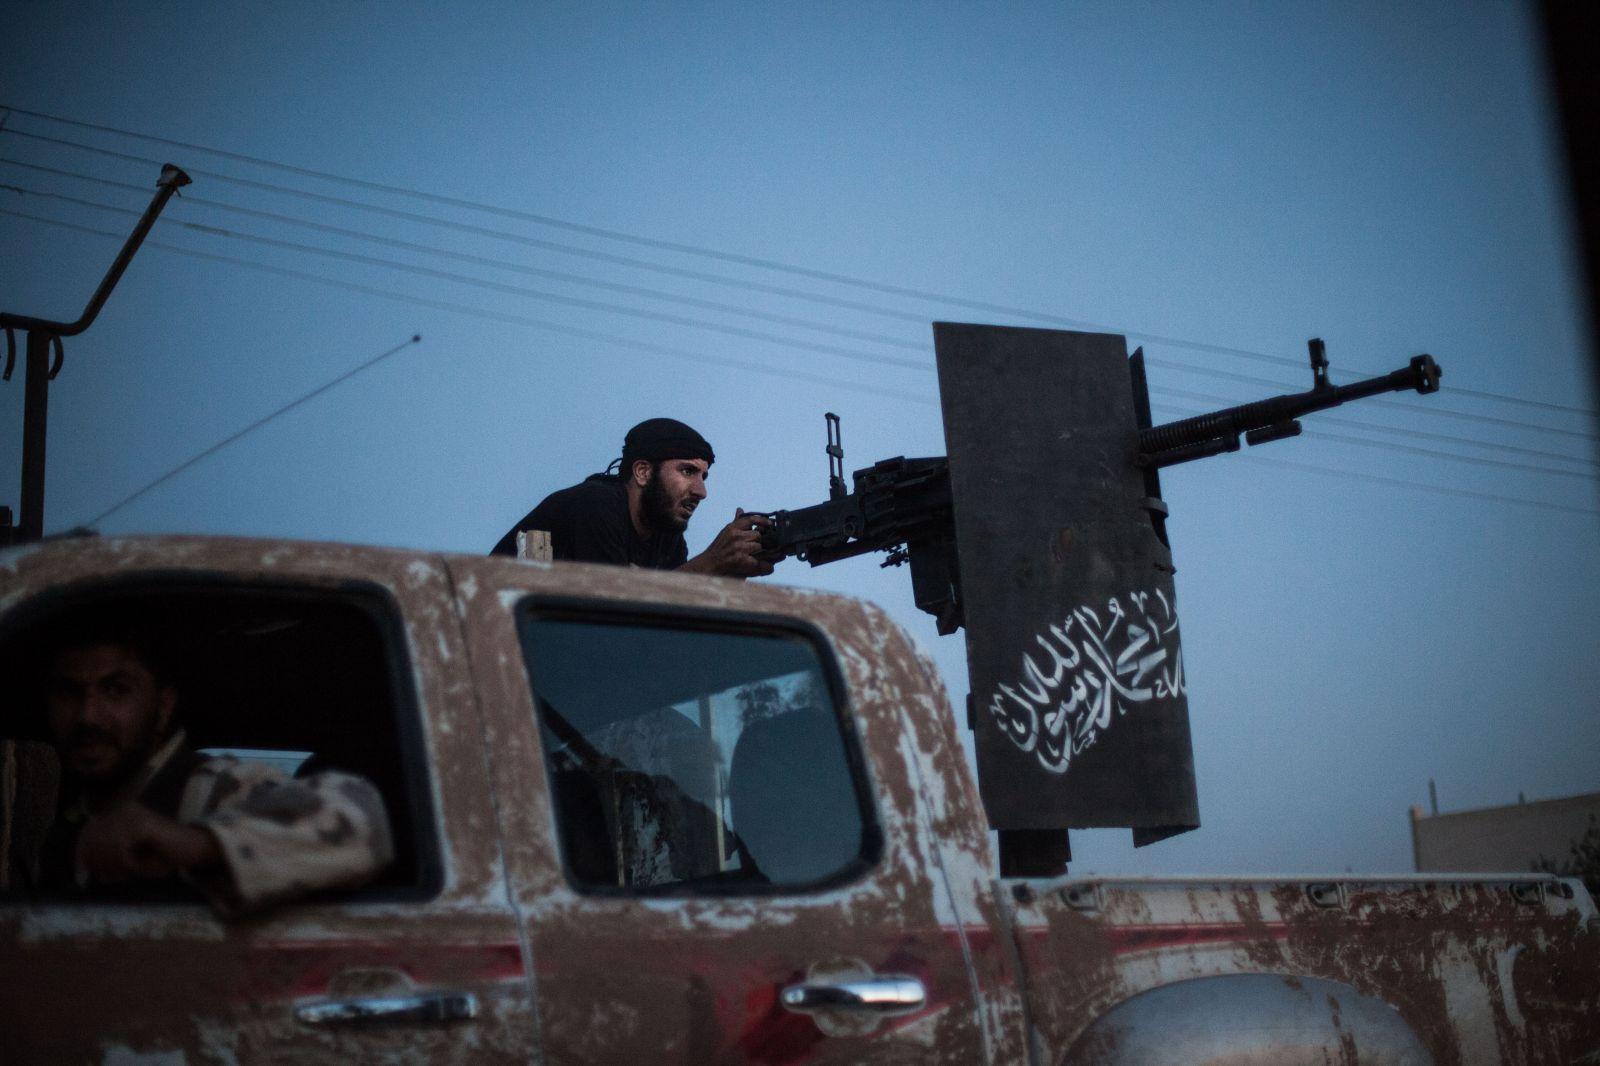 """صورة المحيسني قفز من مركب """"النصرة"""" بنصيحة تركية و""""الجولاني"""" الهدف المقبل"""